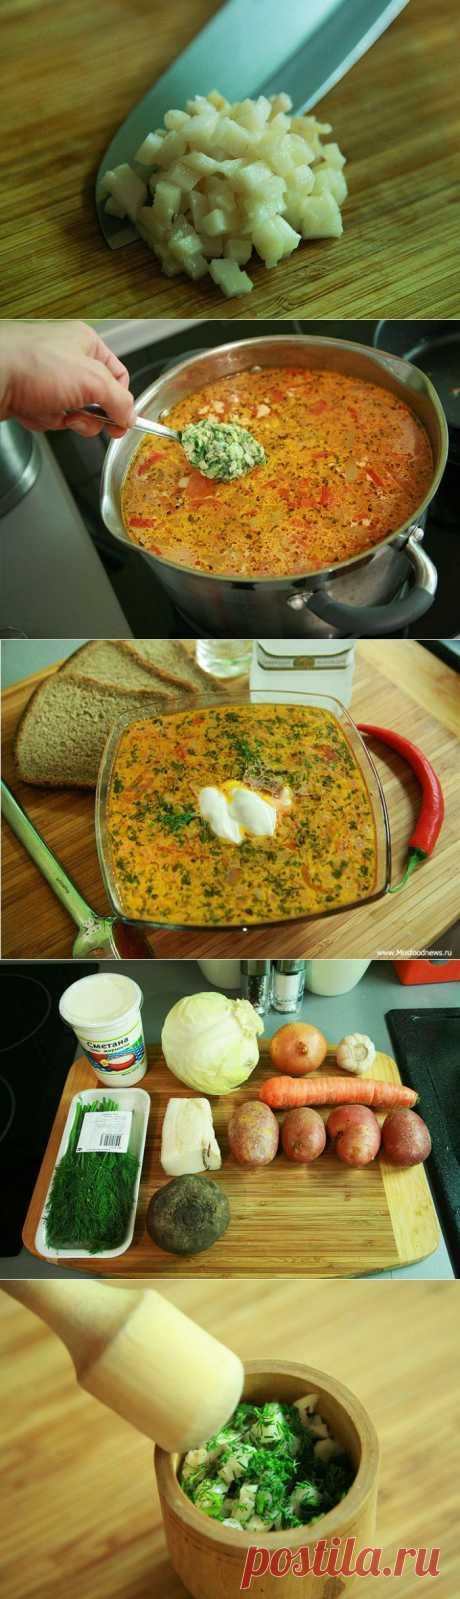 Полтавский борщ рецепт с фото